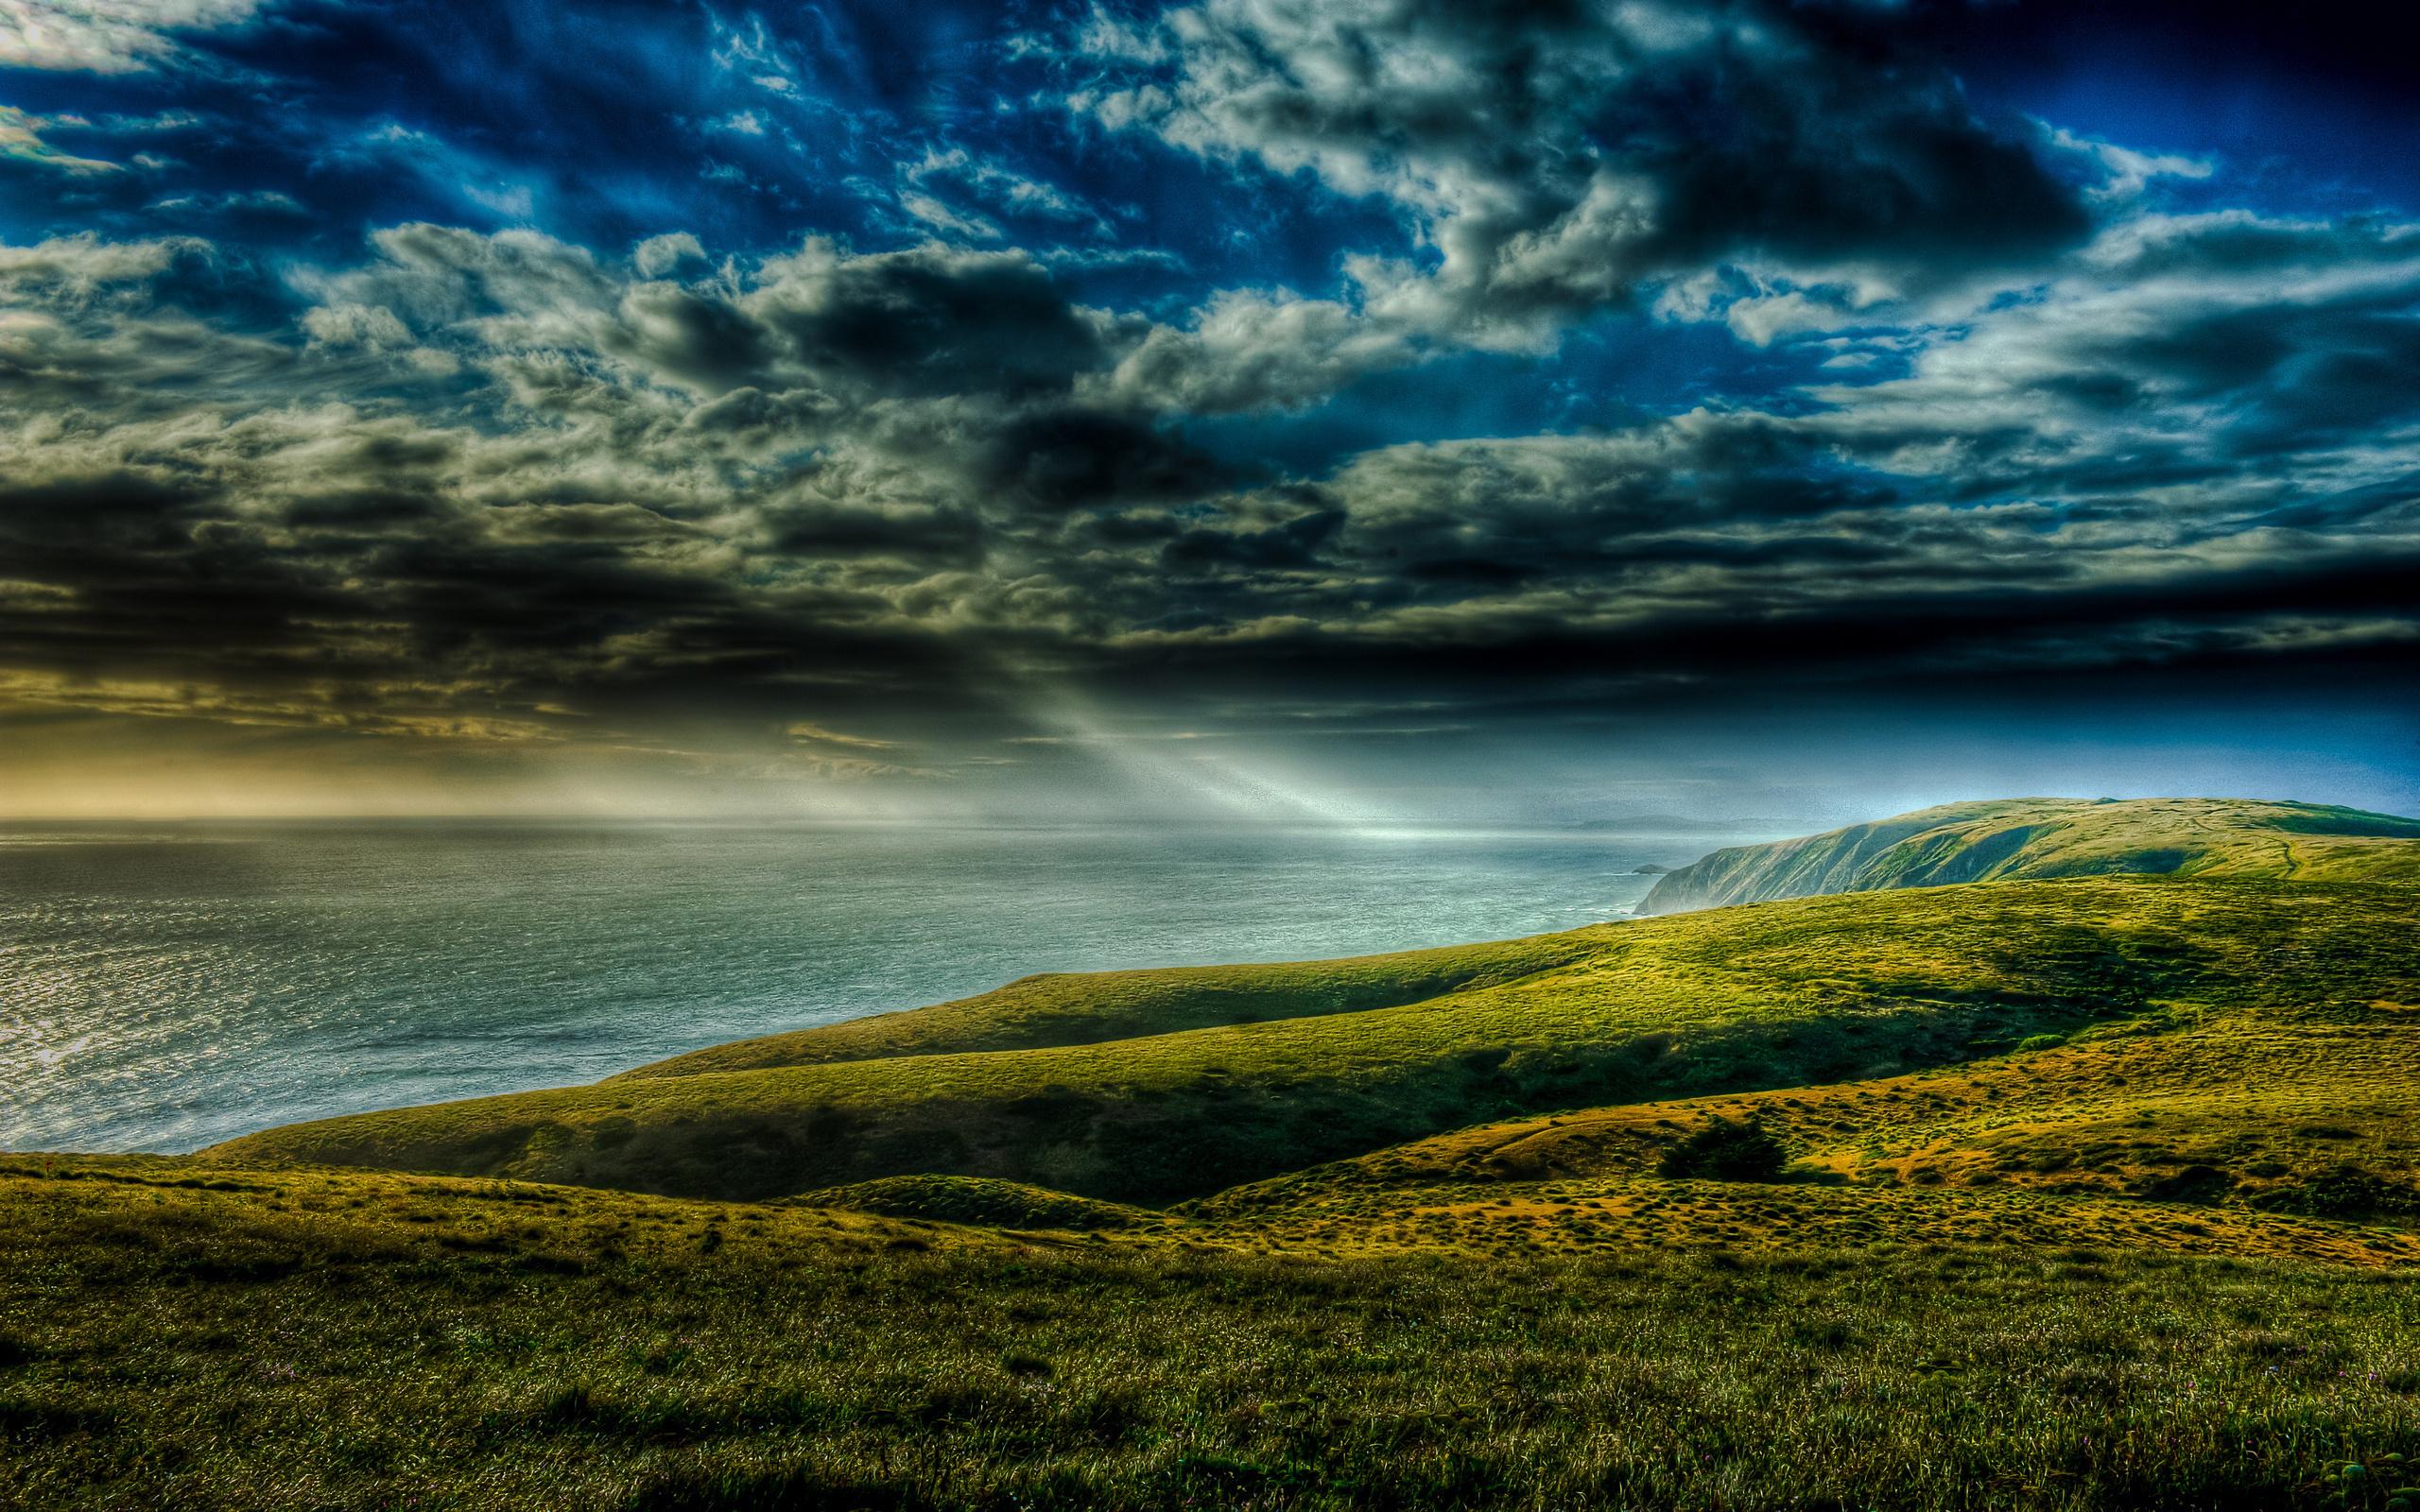 природа море горизонт облака берег nature sea horizon clouds shore без смс